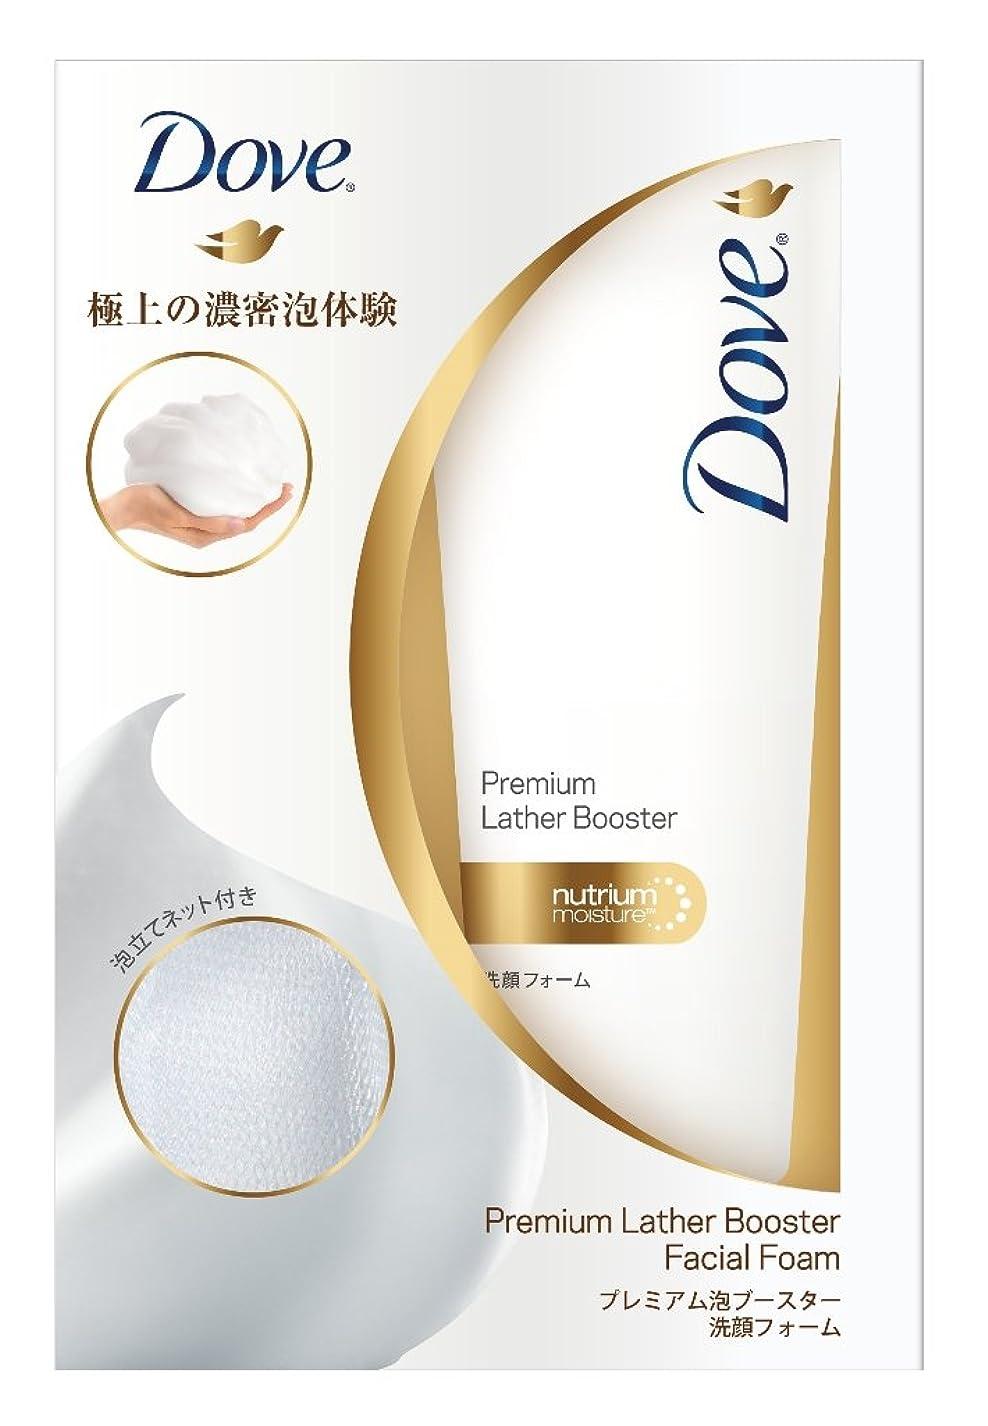 肌寒い過敏な壊すダヴ プレミアム泡ブースター洗顔フォーム 100g